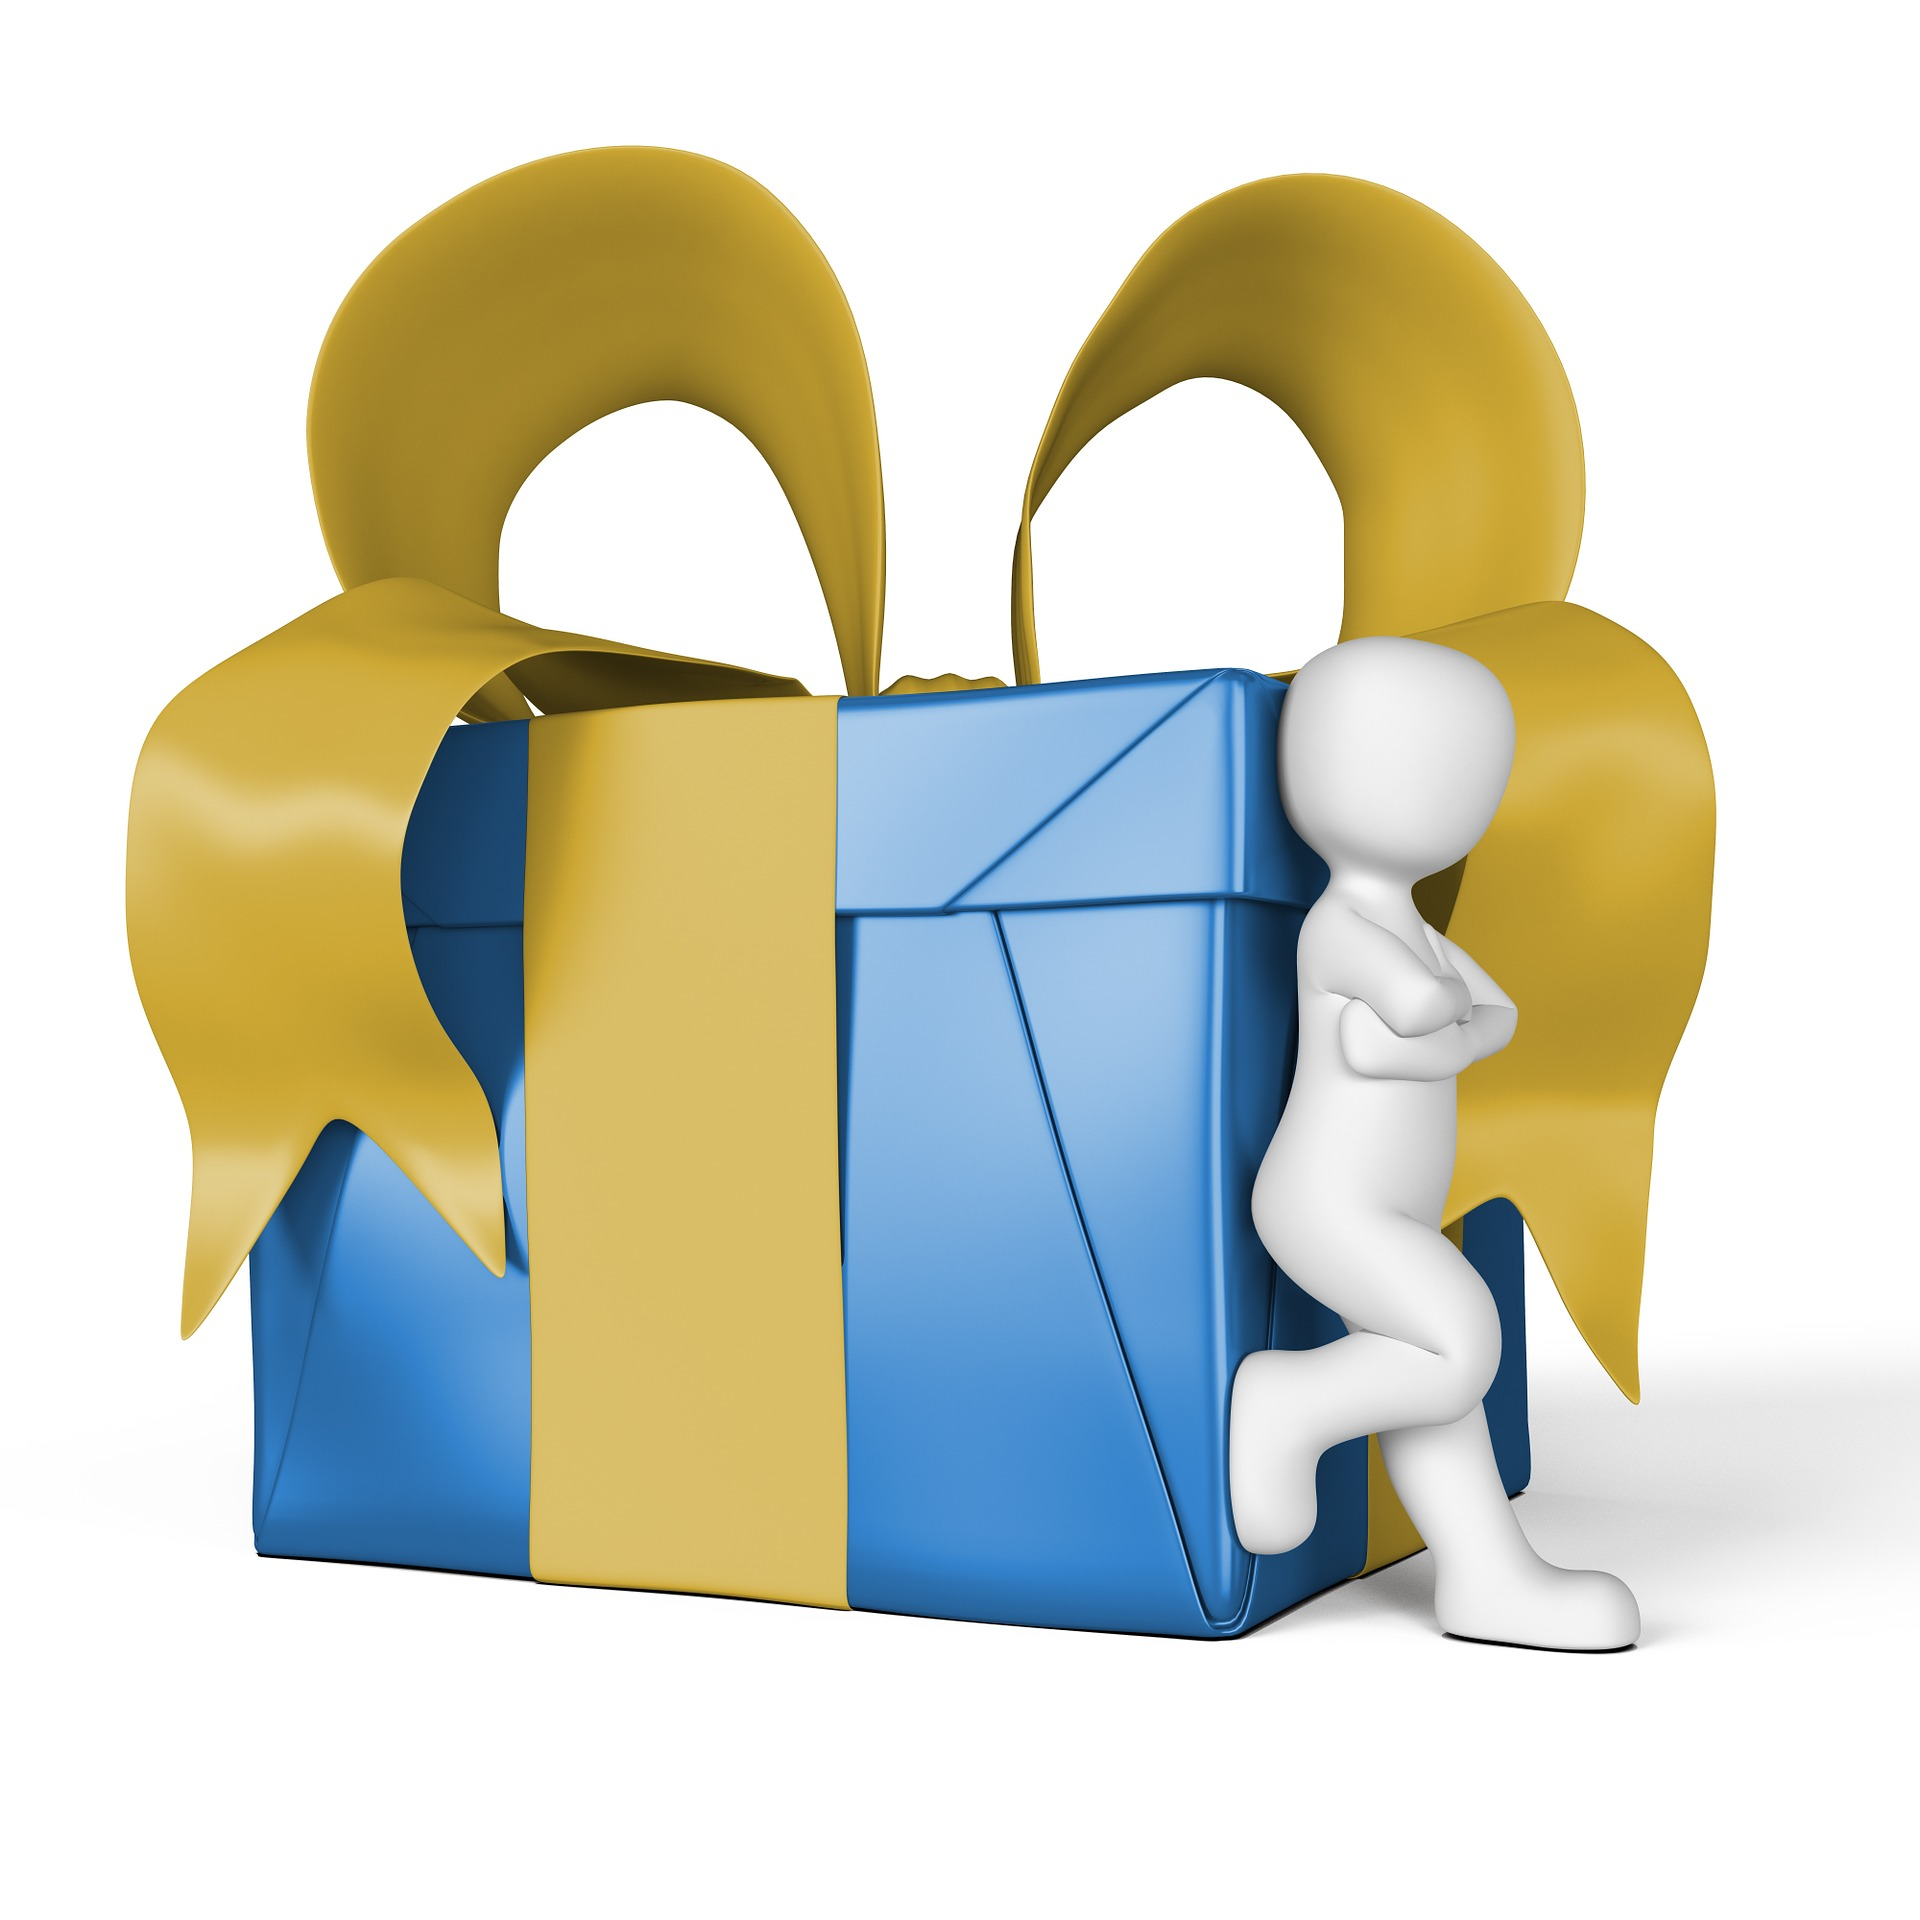 Cadeaubon geven